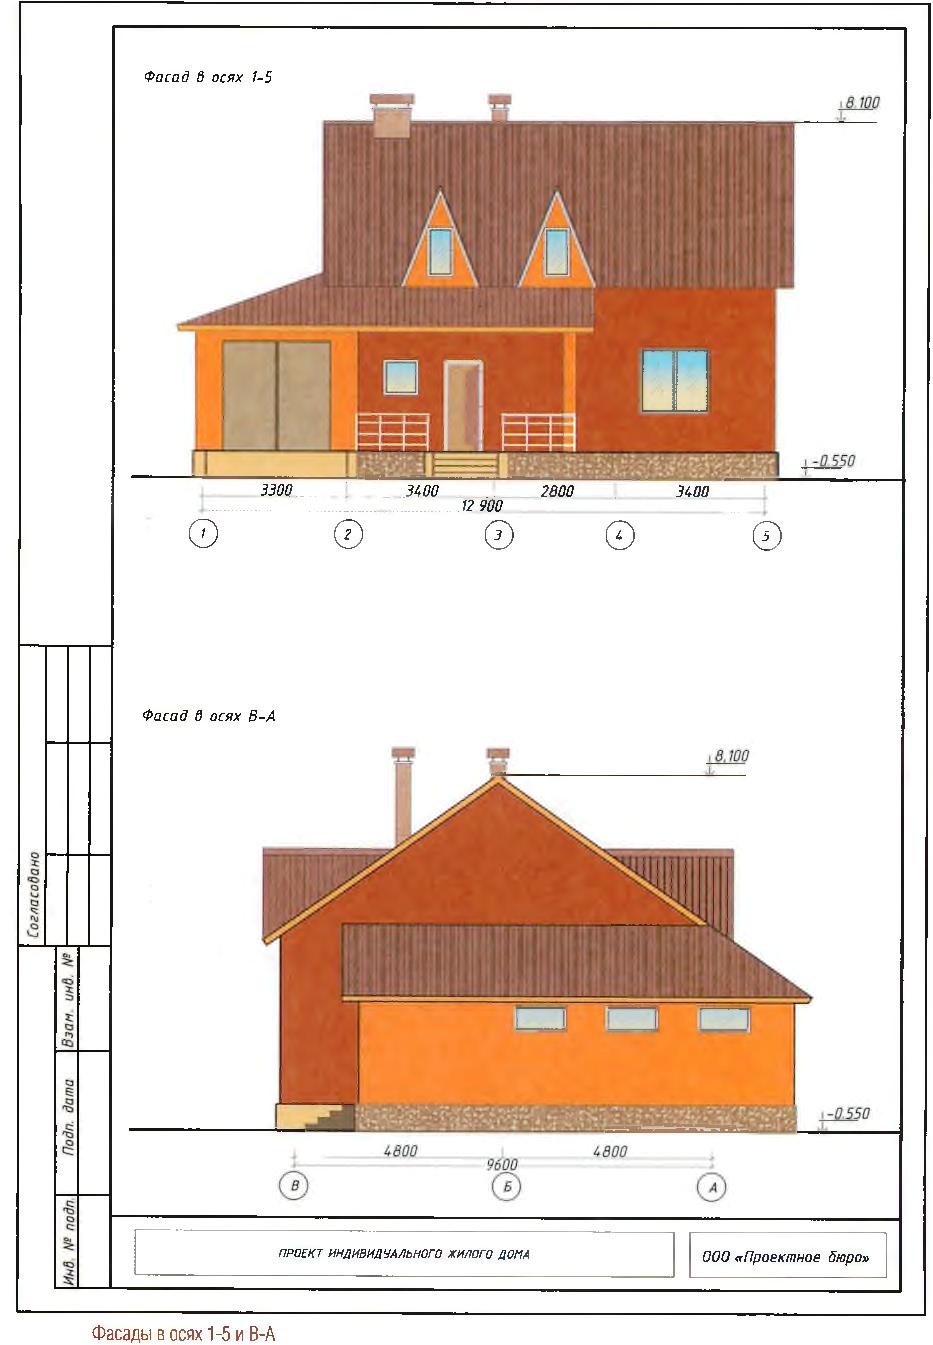 Фасады в осях 1-5